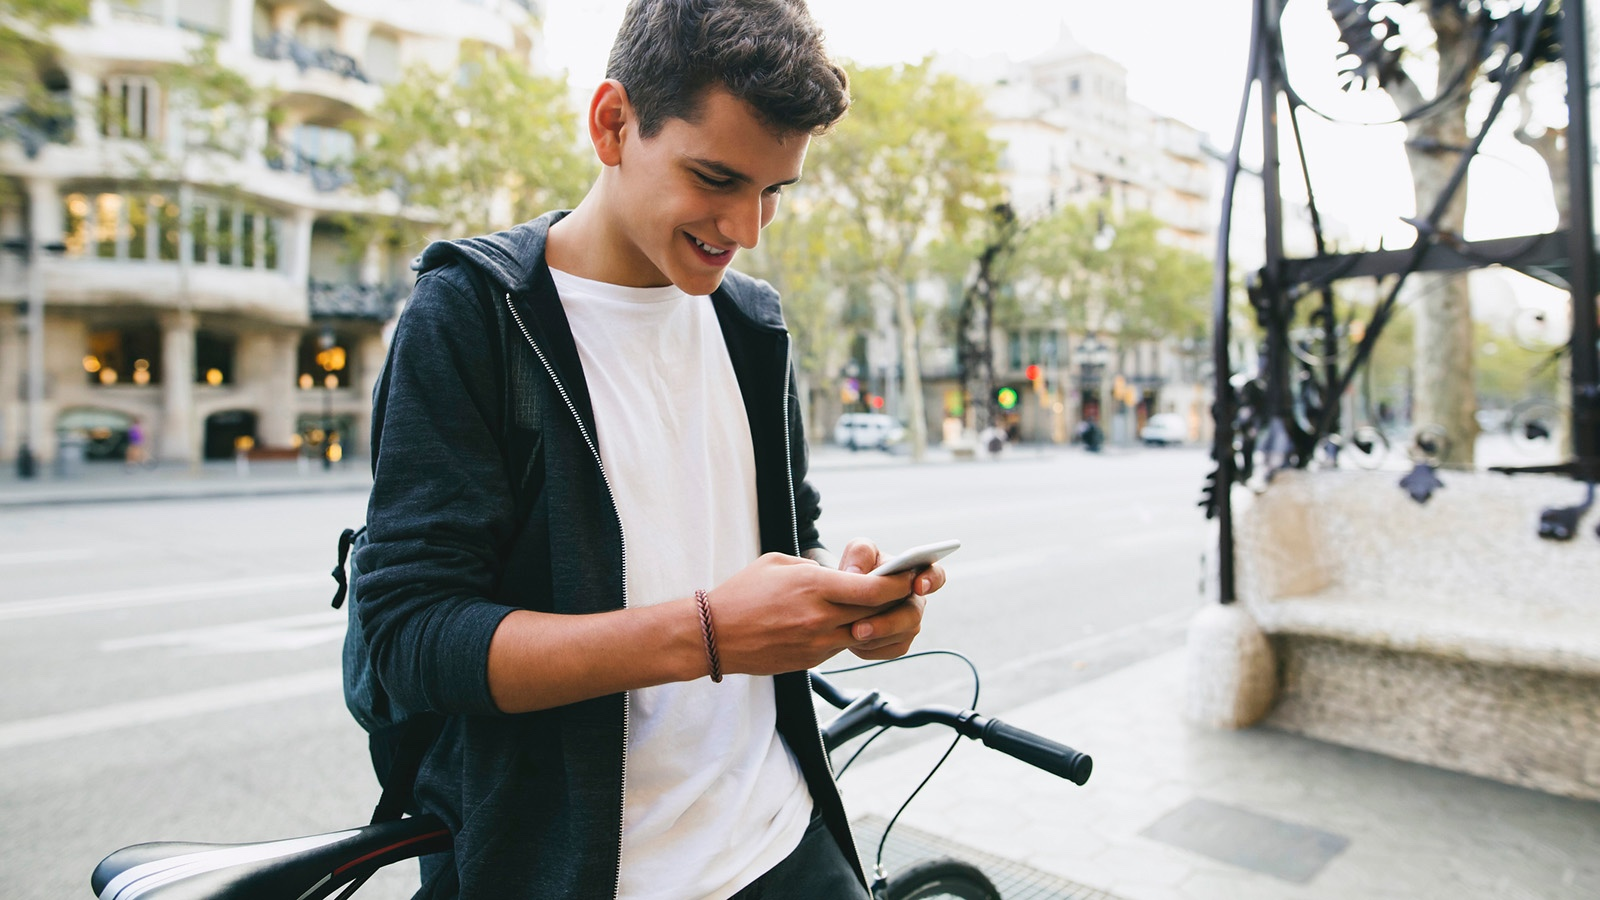 Teenager texting using abbreviations